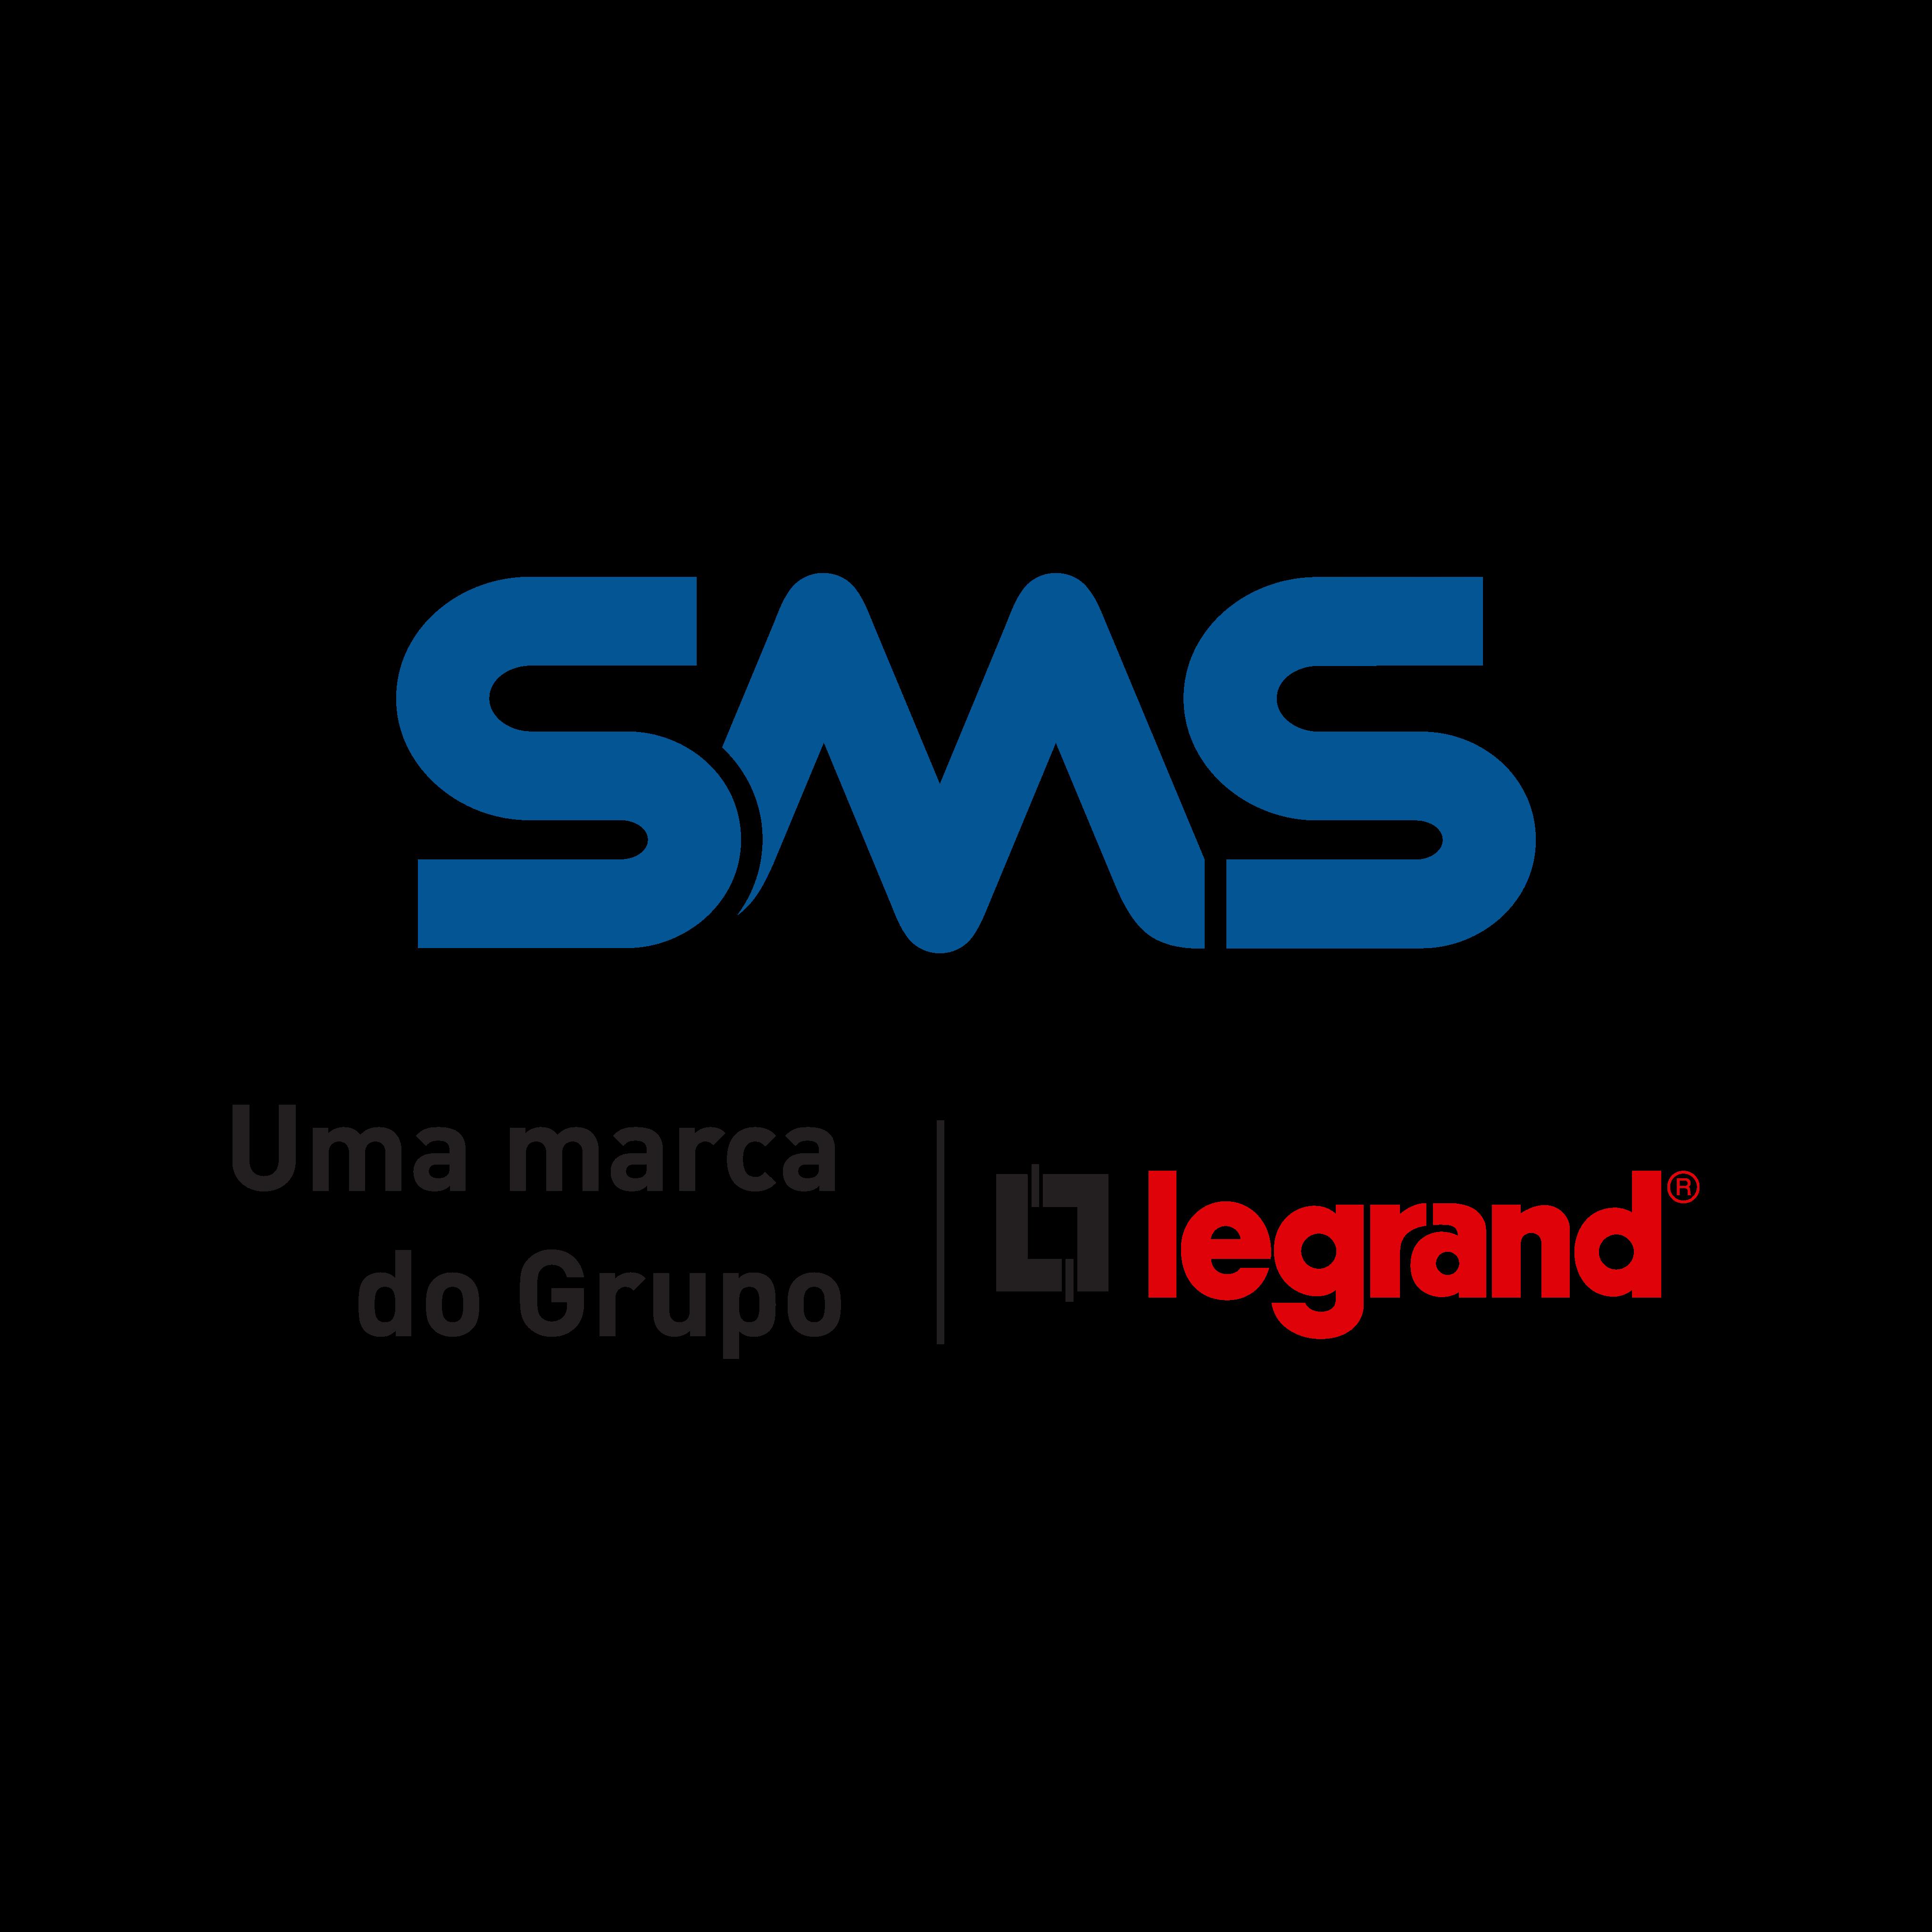 sms nobreak logo 0 - SMS Logo